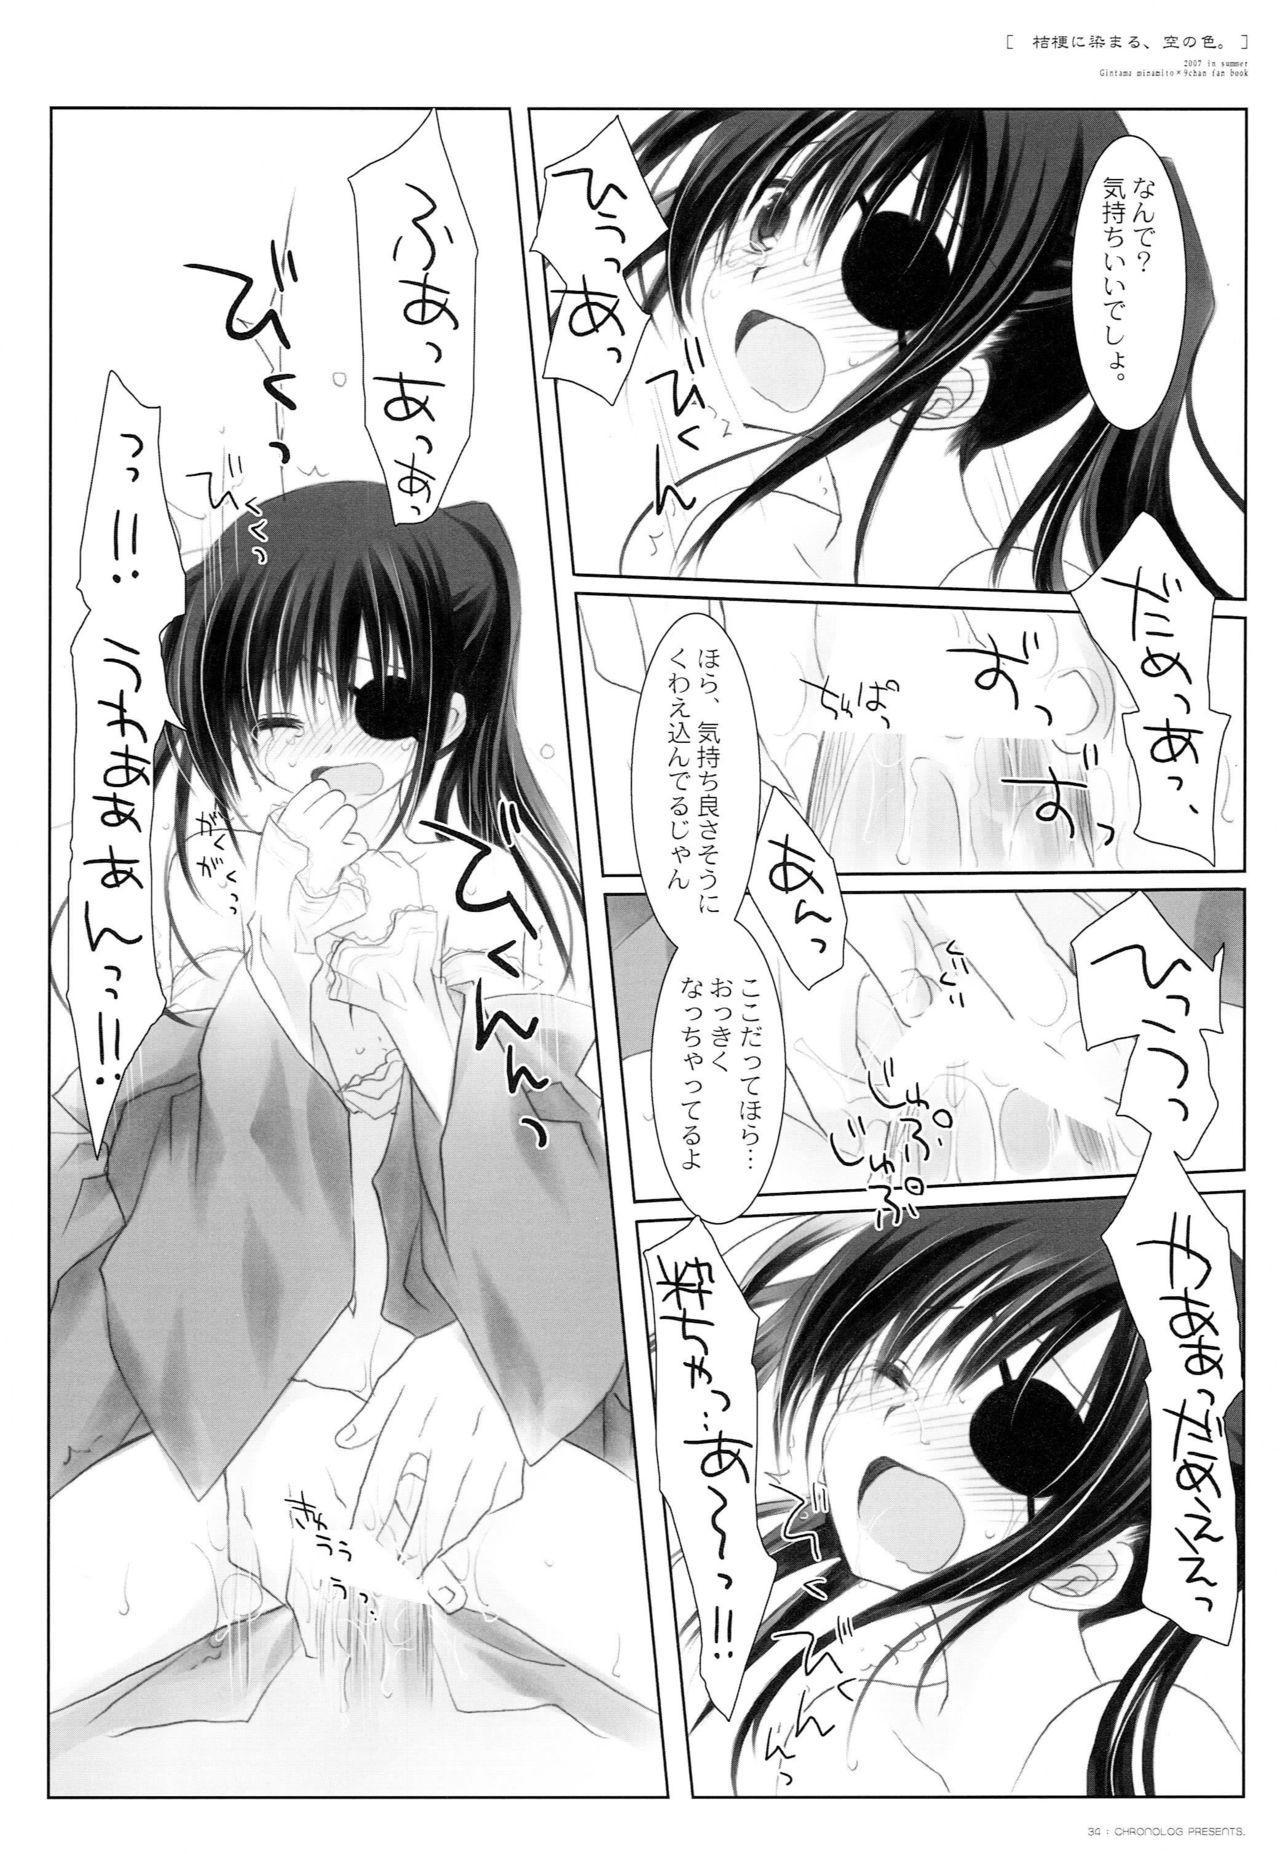 Kikyou ni Somaru Sora no Iro 32